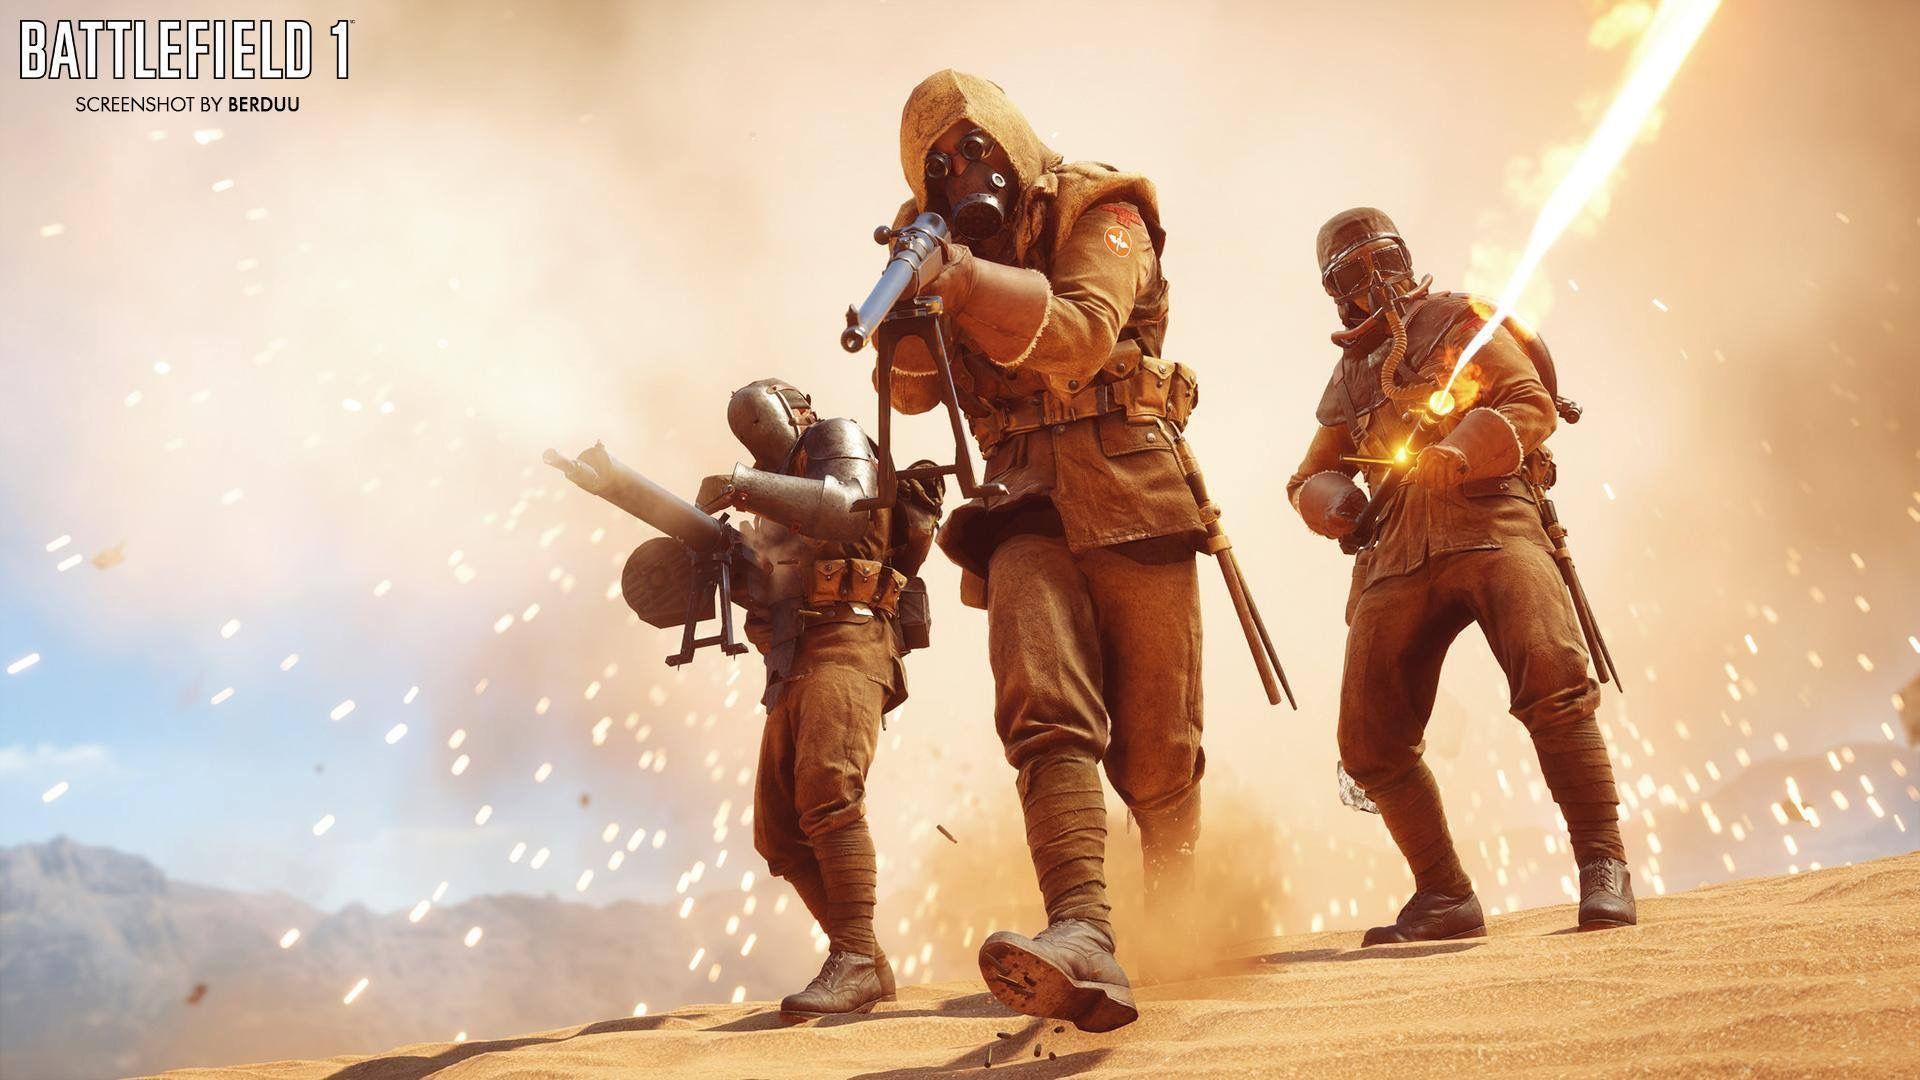 Battlefield 1 Elite Class Battlefield 1 Battlefield Anime Wallpaper